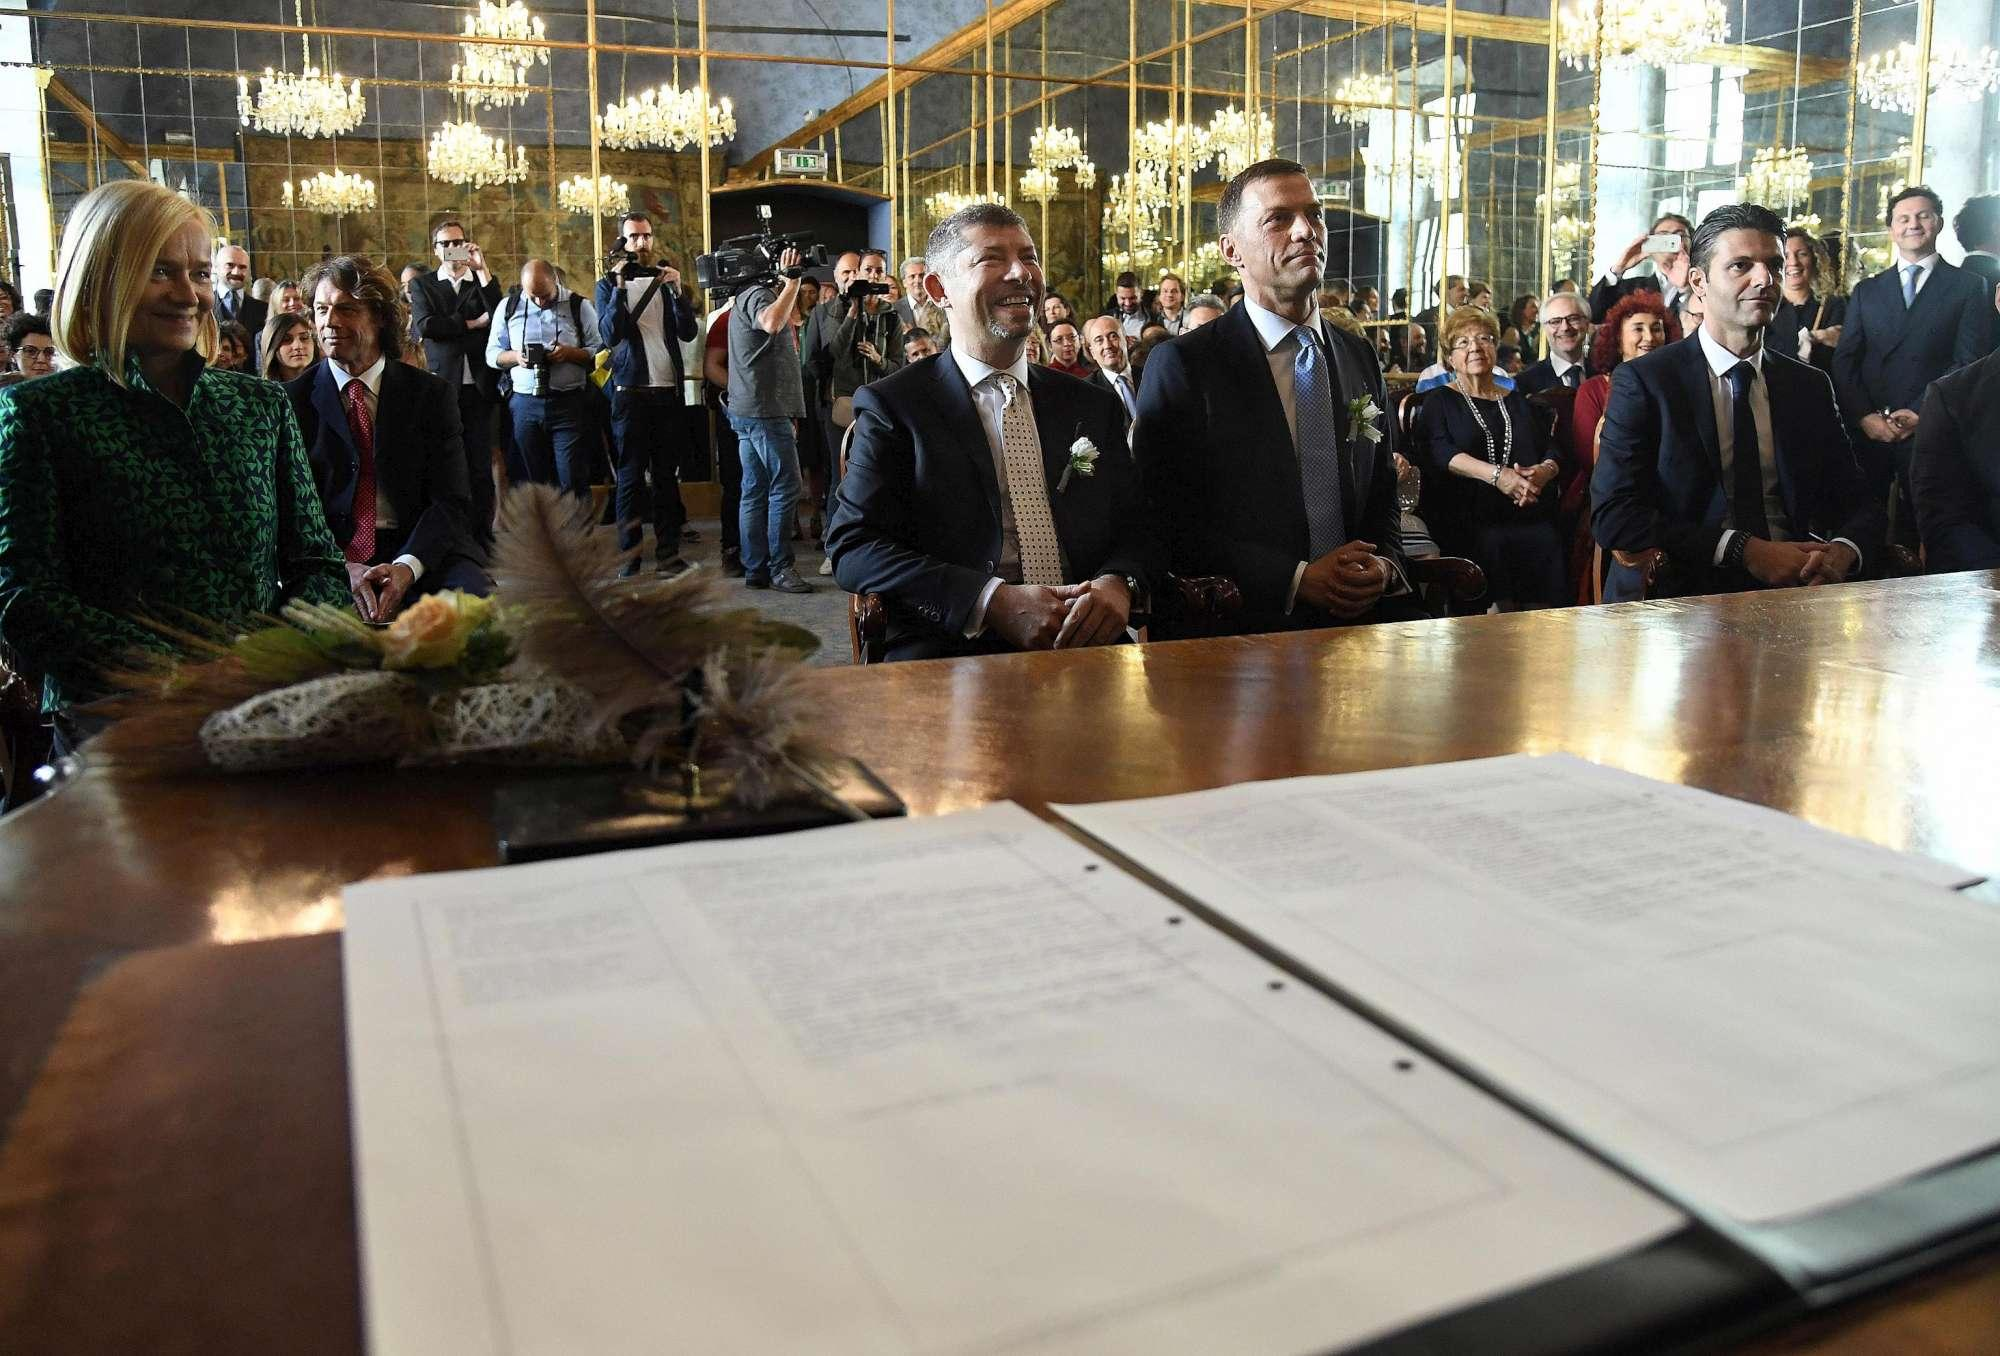 A Milano il sì di Ivan Scalfarotto: primo membro del governo a unirsi civilmente